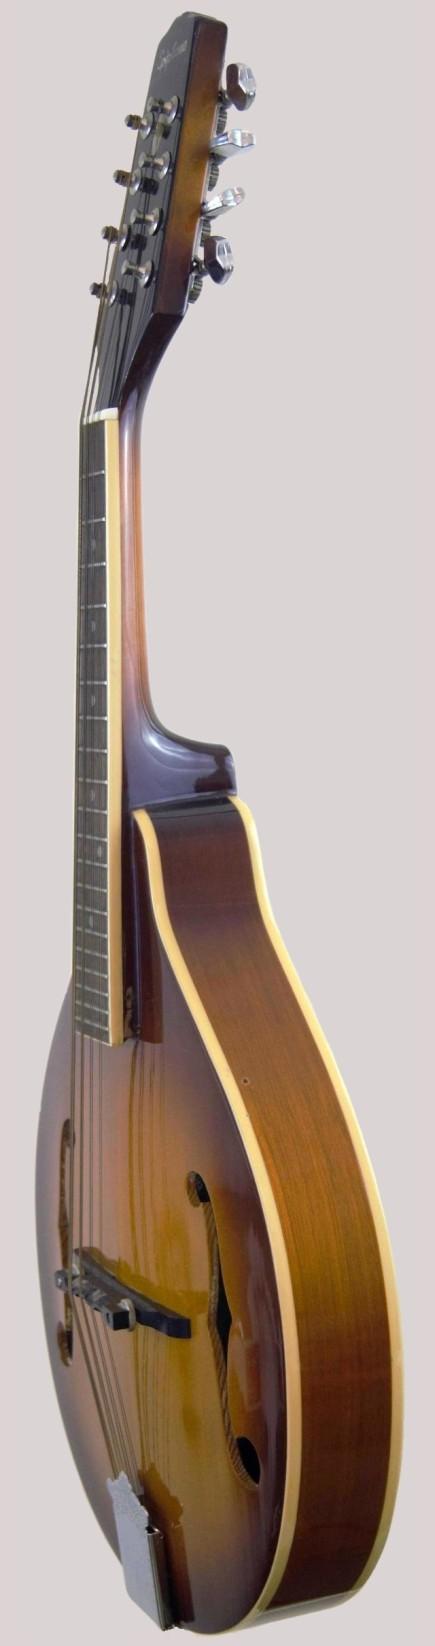 epiphone sunburst acoustic mando